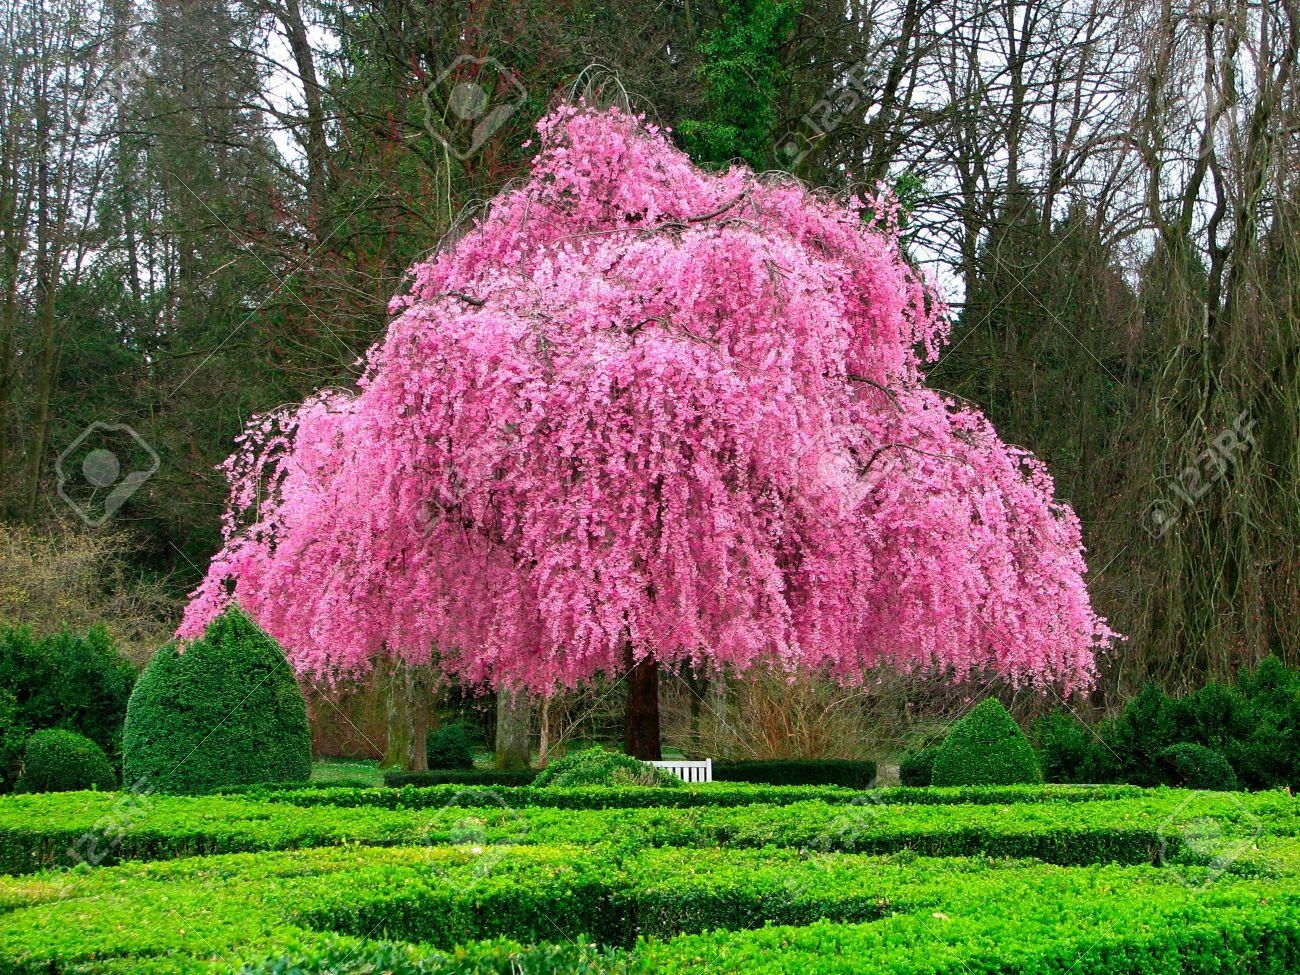 belle fleur rose arbre banque d'images et photos libres de droits